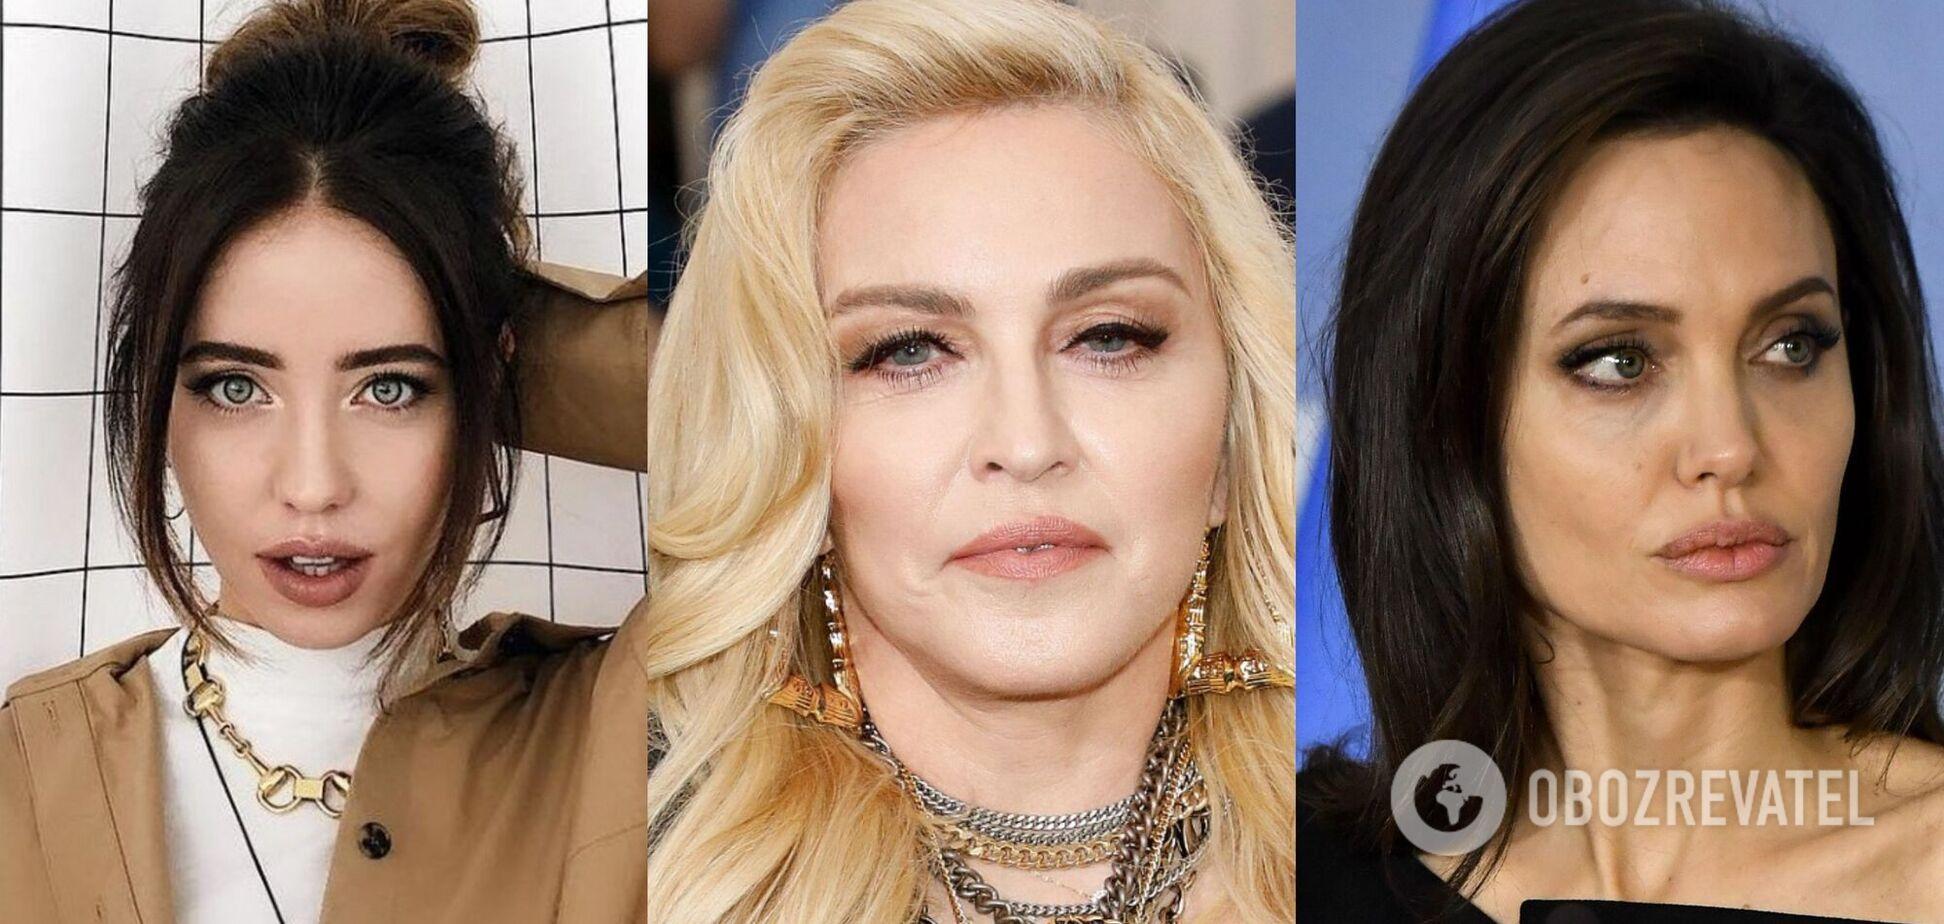 Дорофеева, Мадонна и Джоли показали свои экзотические тату: что они означают